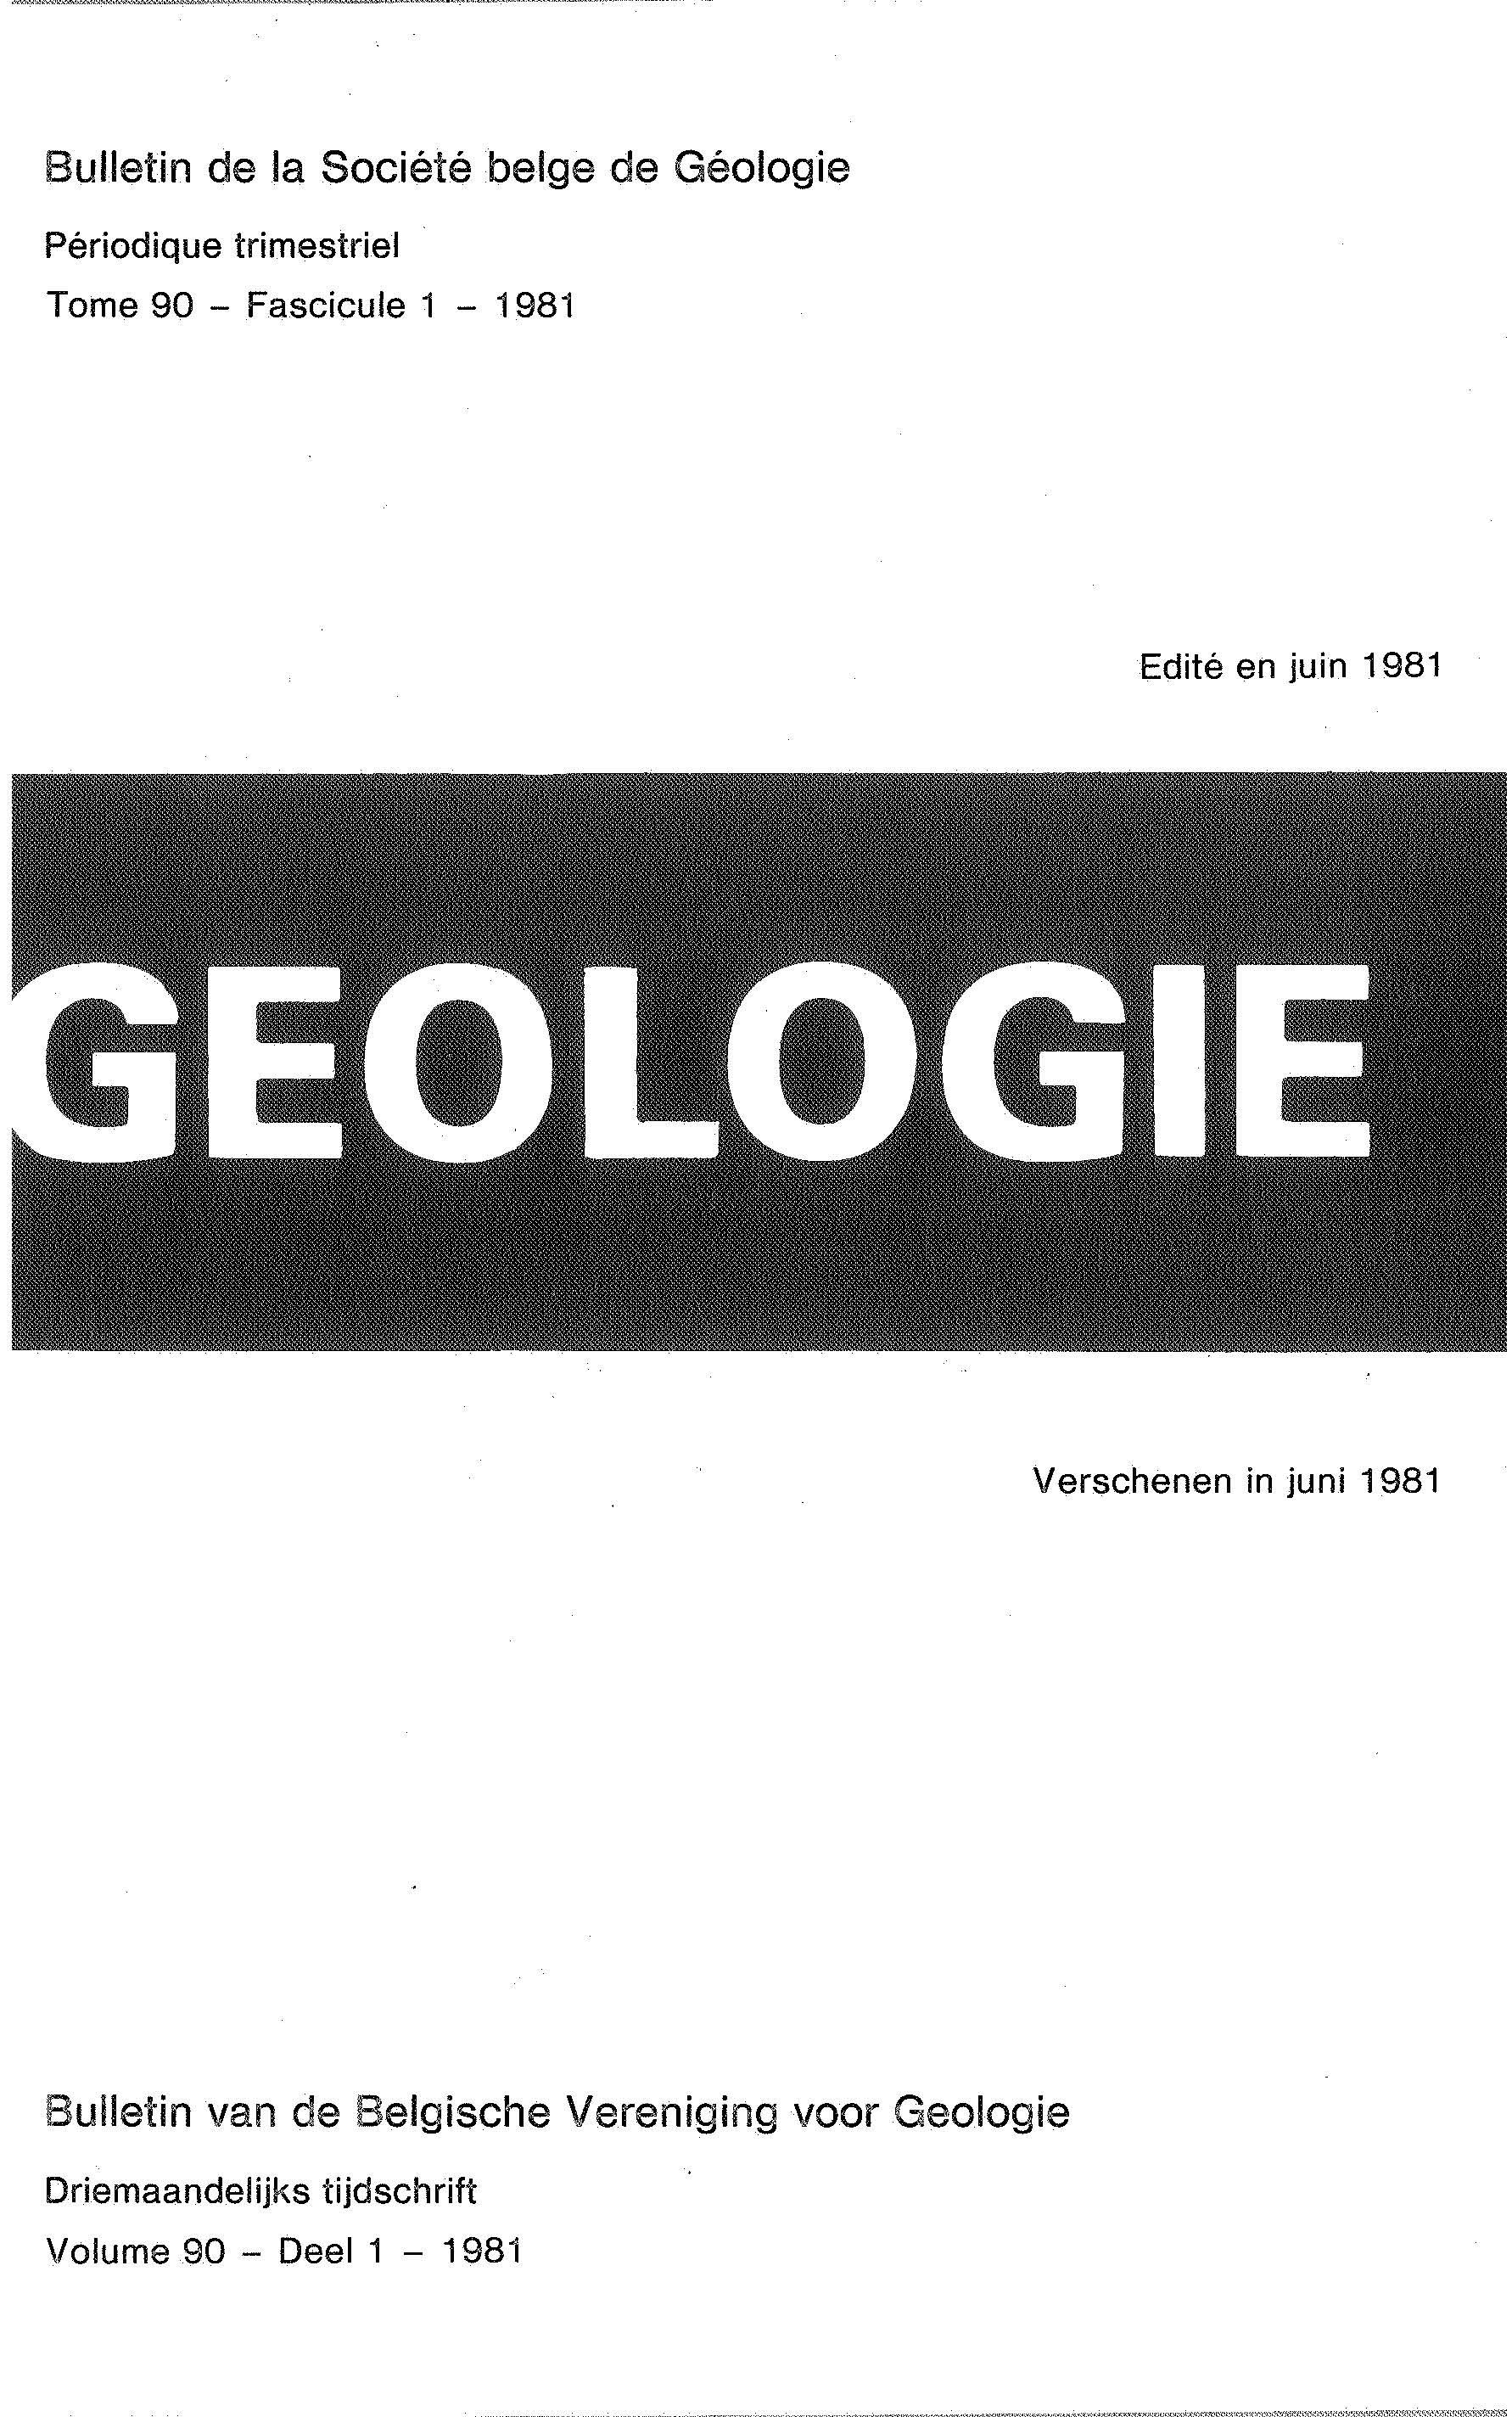 BSBG_90_1981_covers 1.jpg